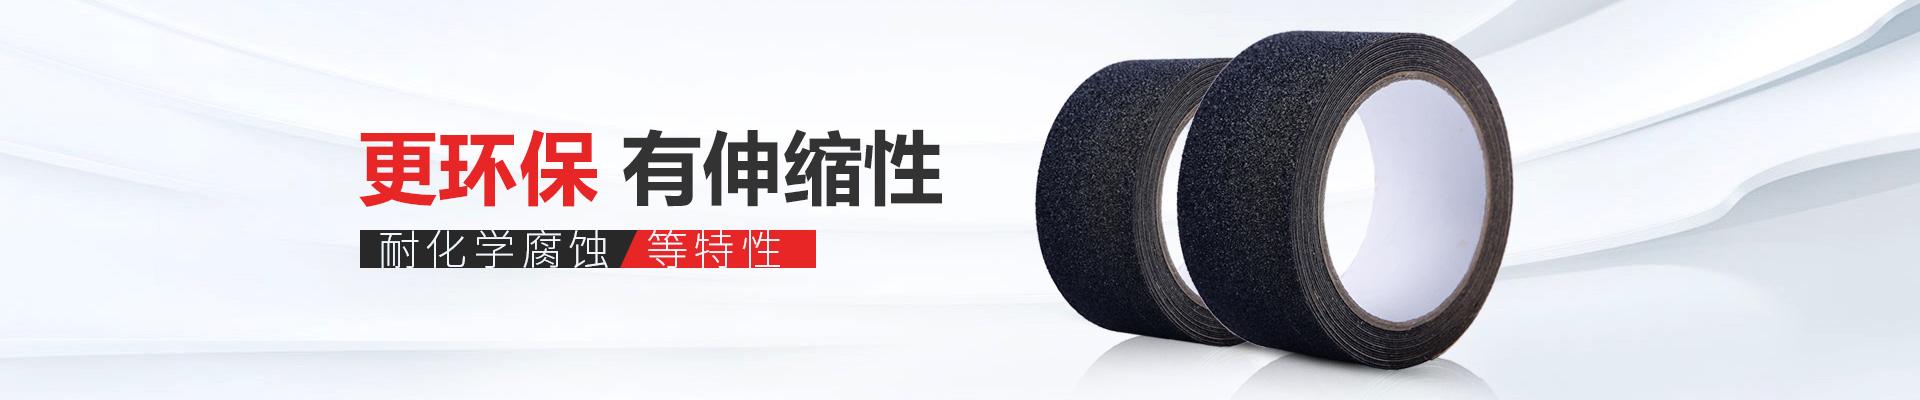 玉寰防滑胶带更环保、有伸缩性